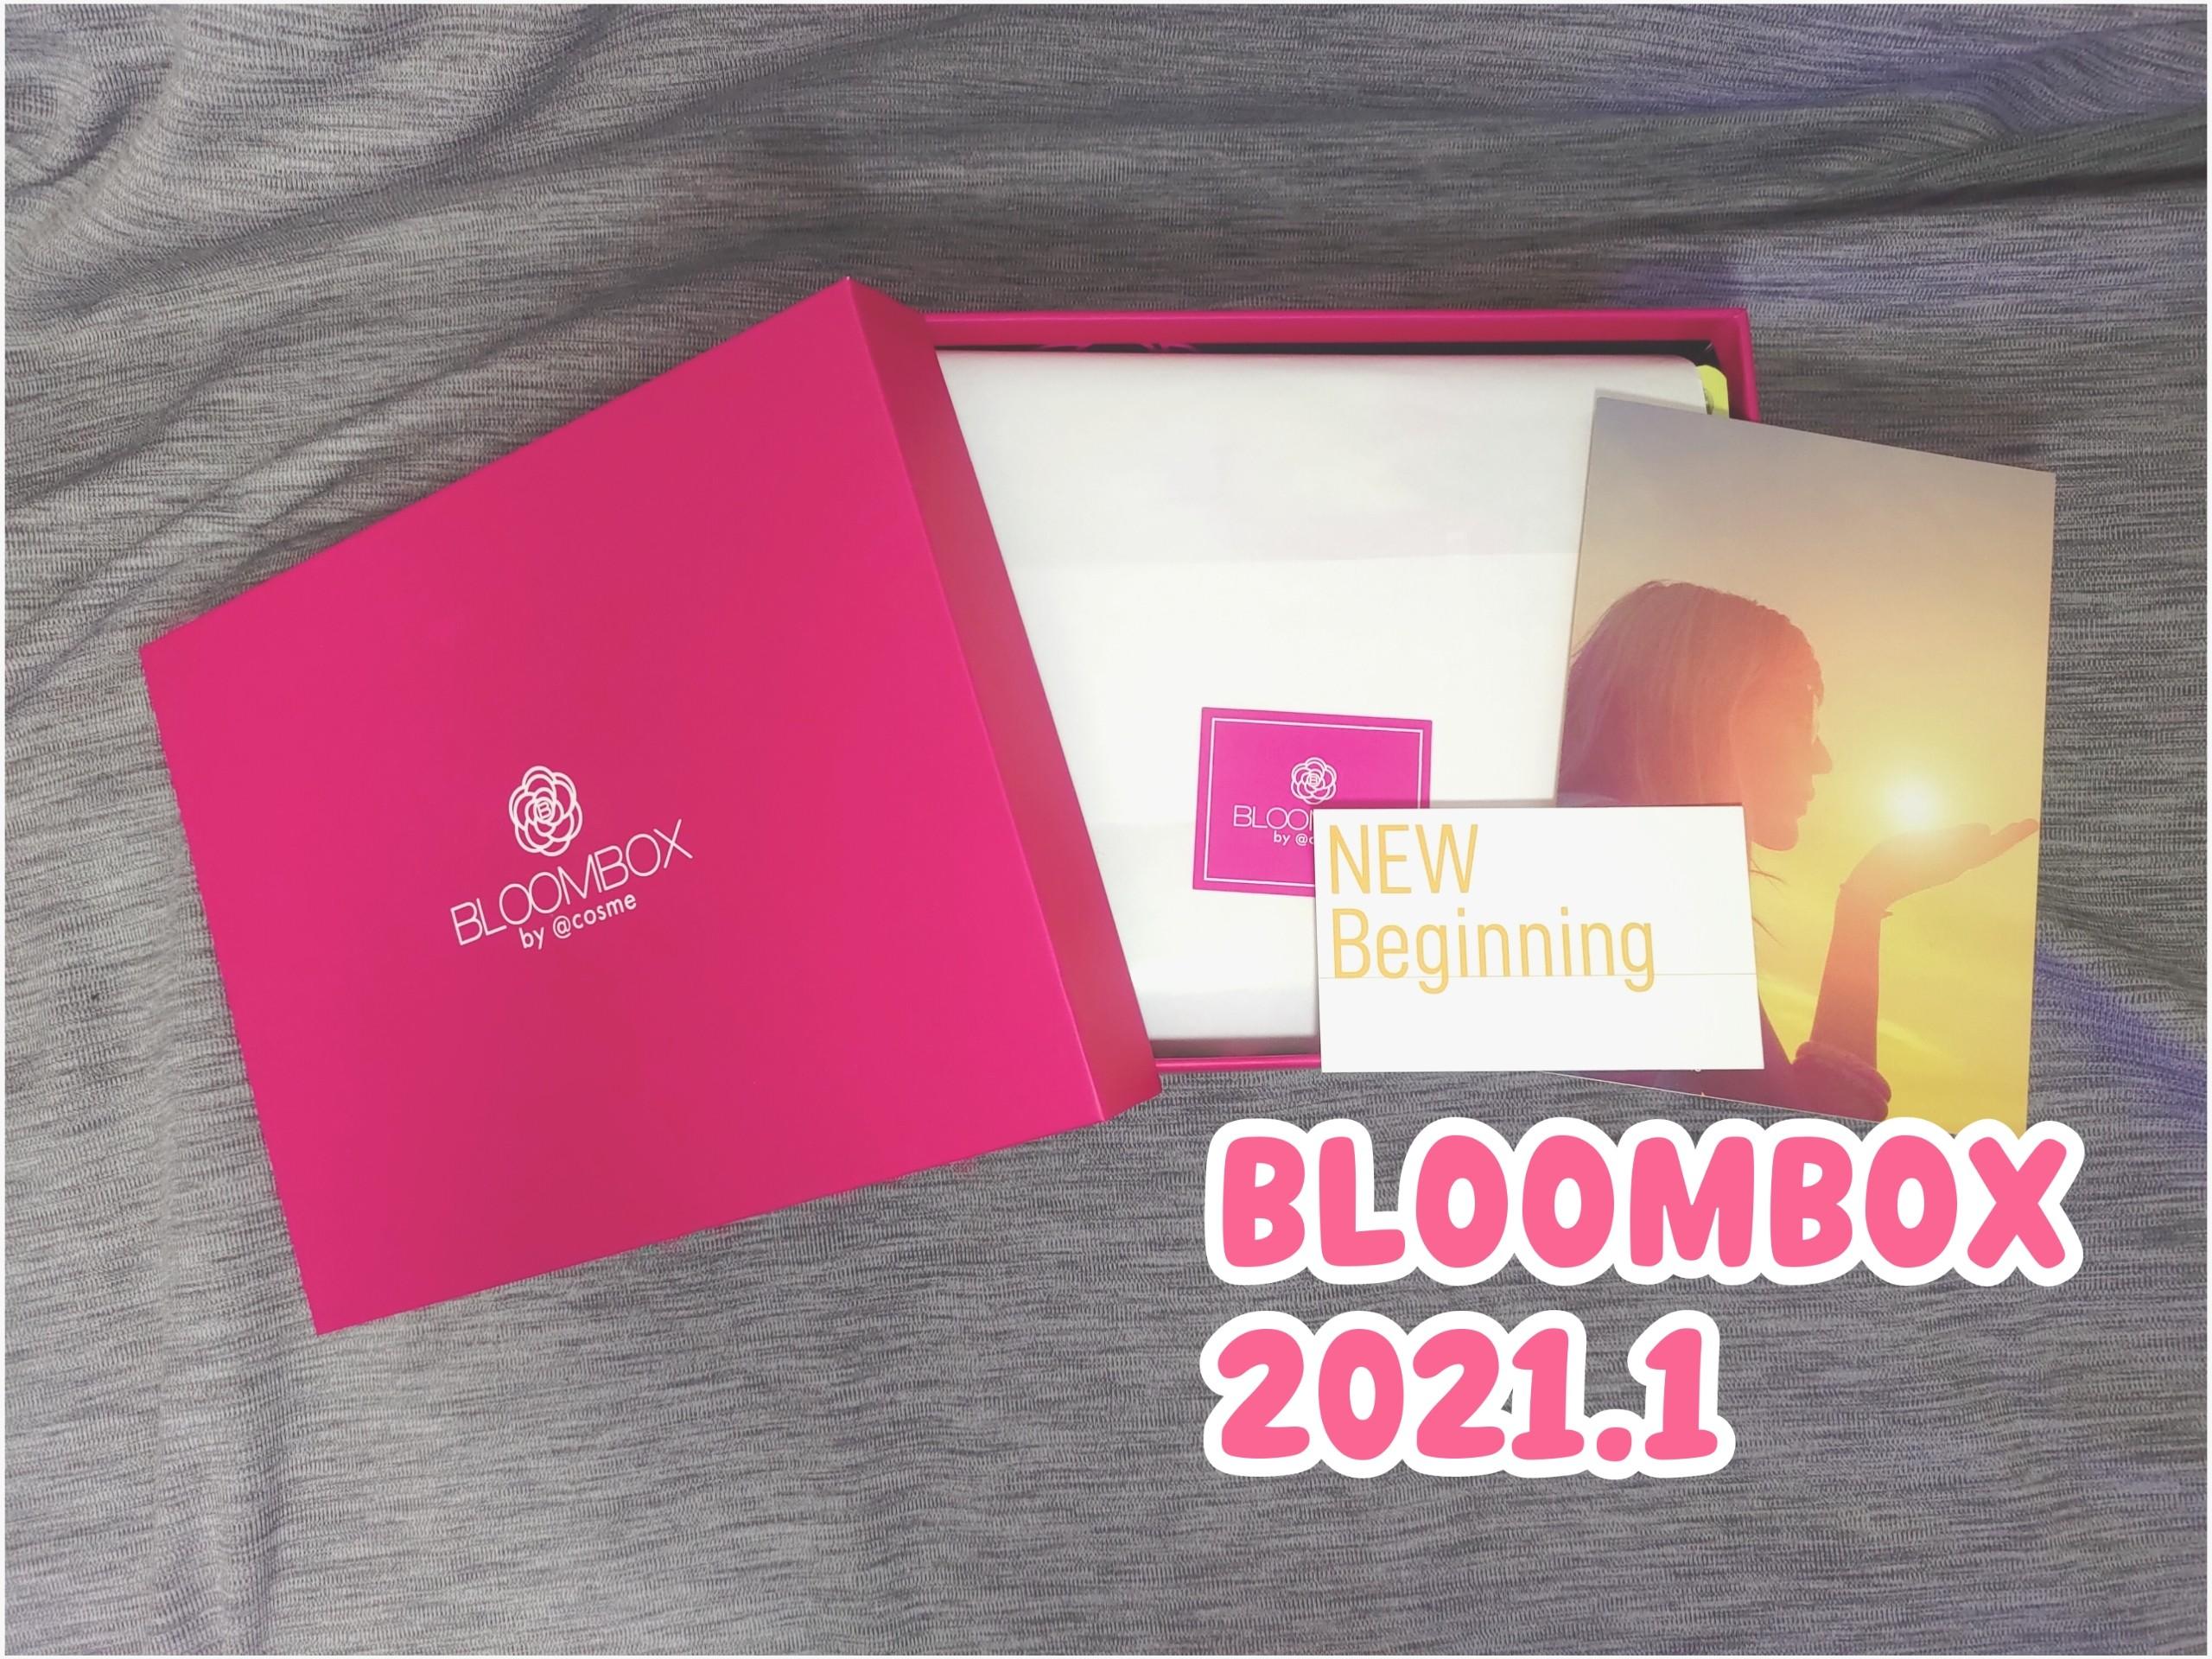 BLOOMBOX 2021年1月 中身公開